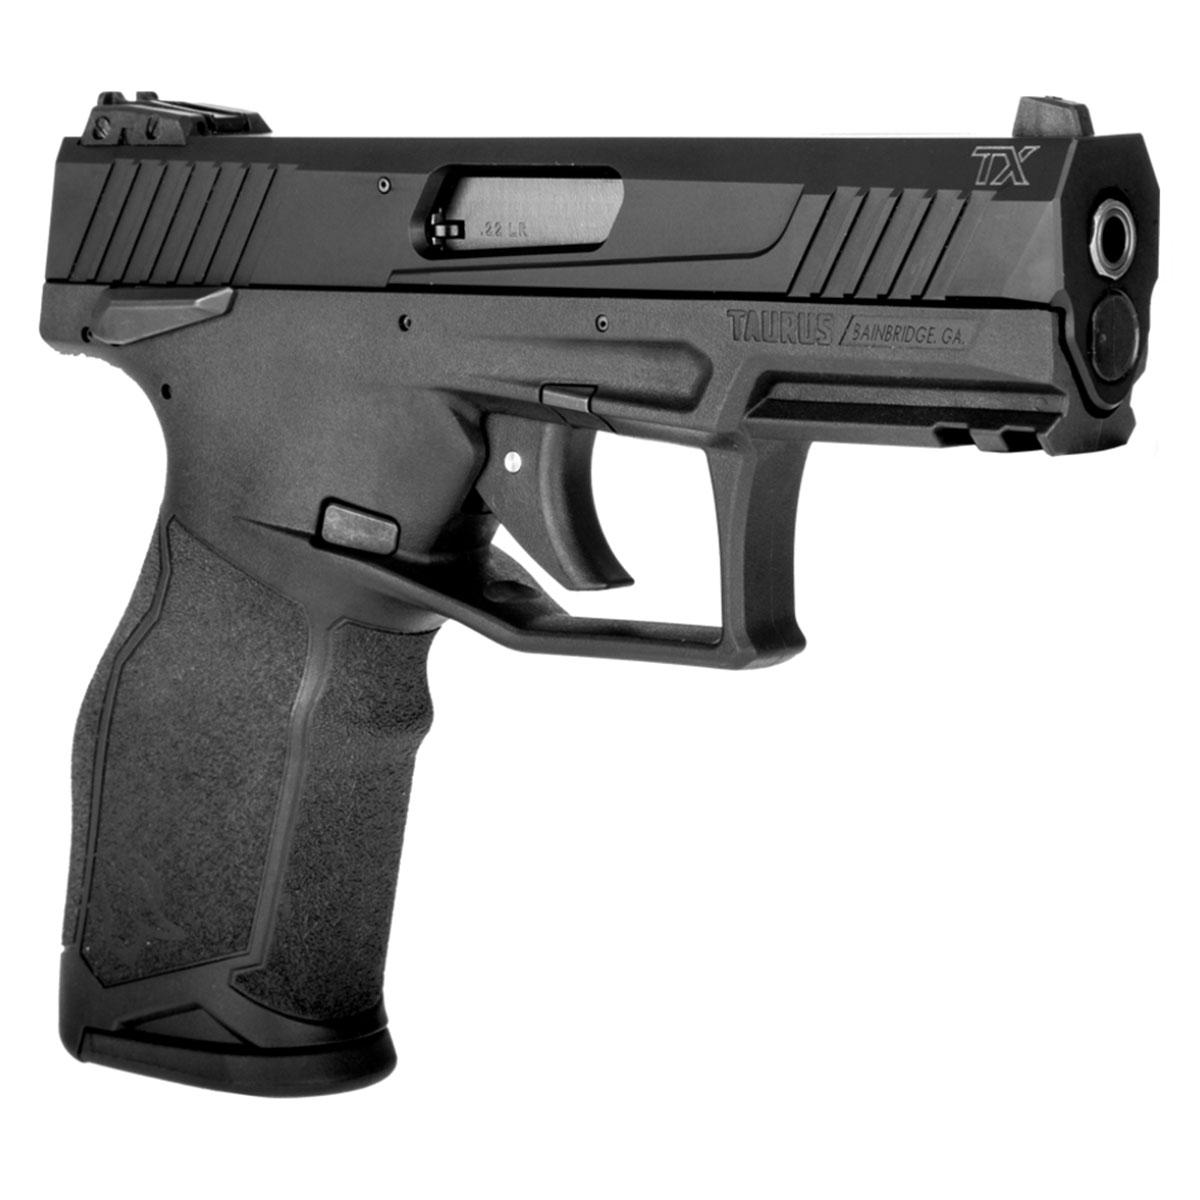 Pistola Taurus Modelo TX22, Calibre 22LR, 16+1, 104mm (4,1 Pol) Carbono Fosco